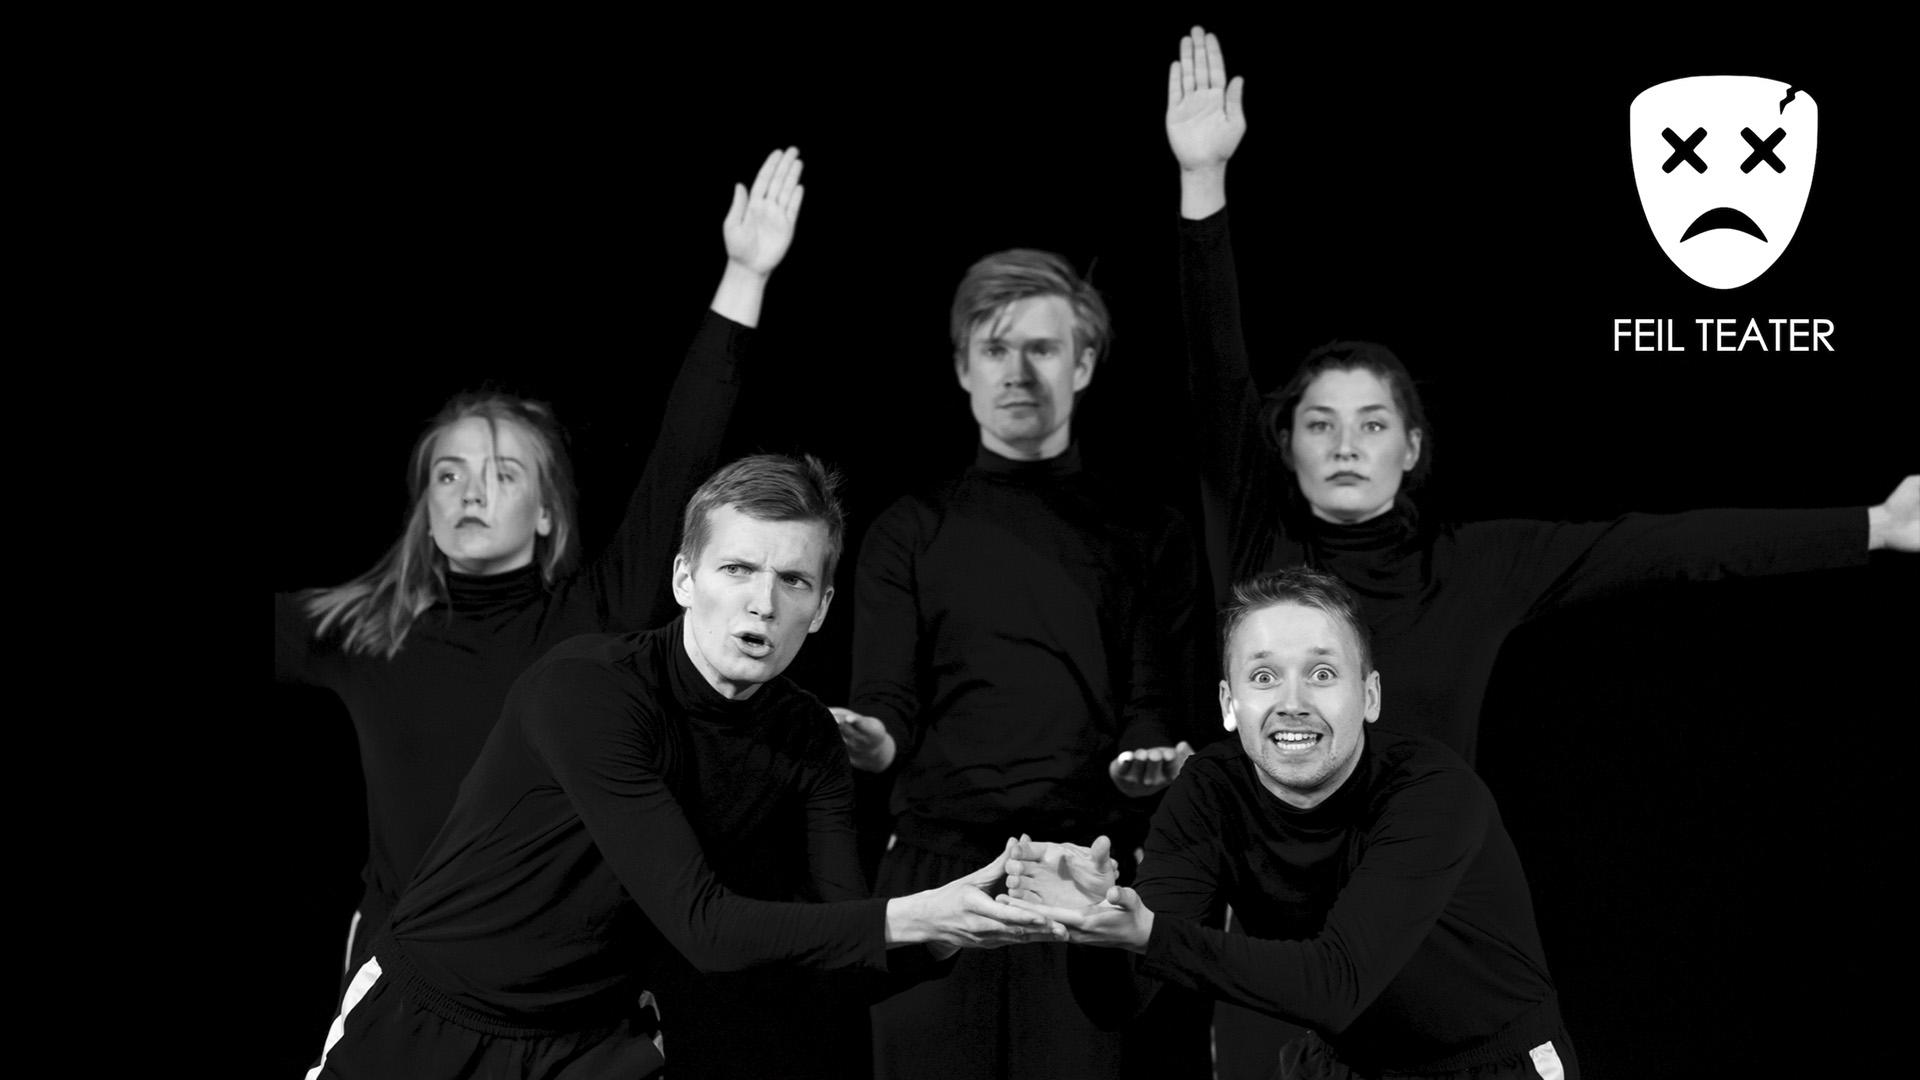 Bilde av 5 skuespillere som poserer